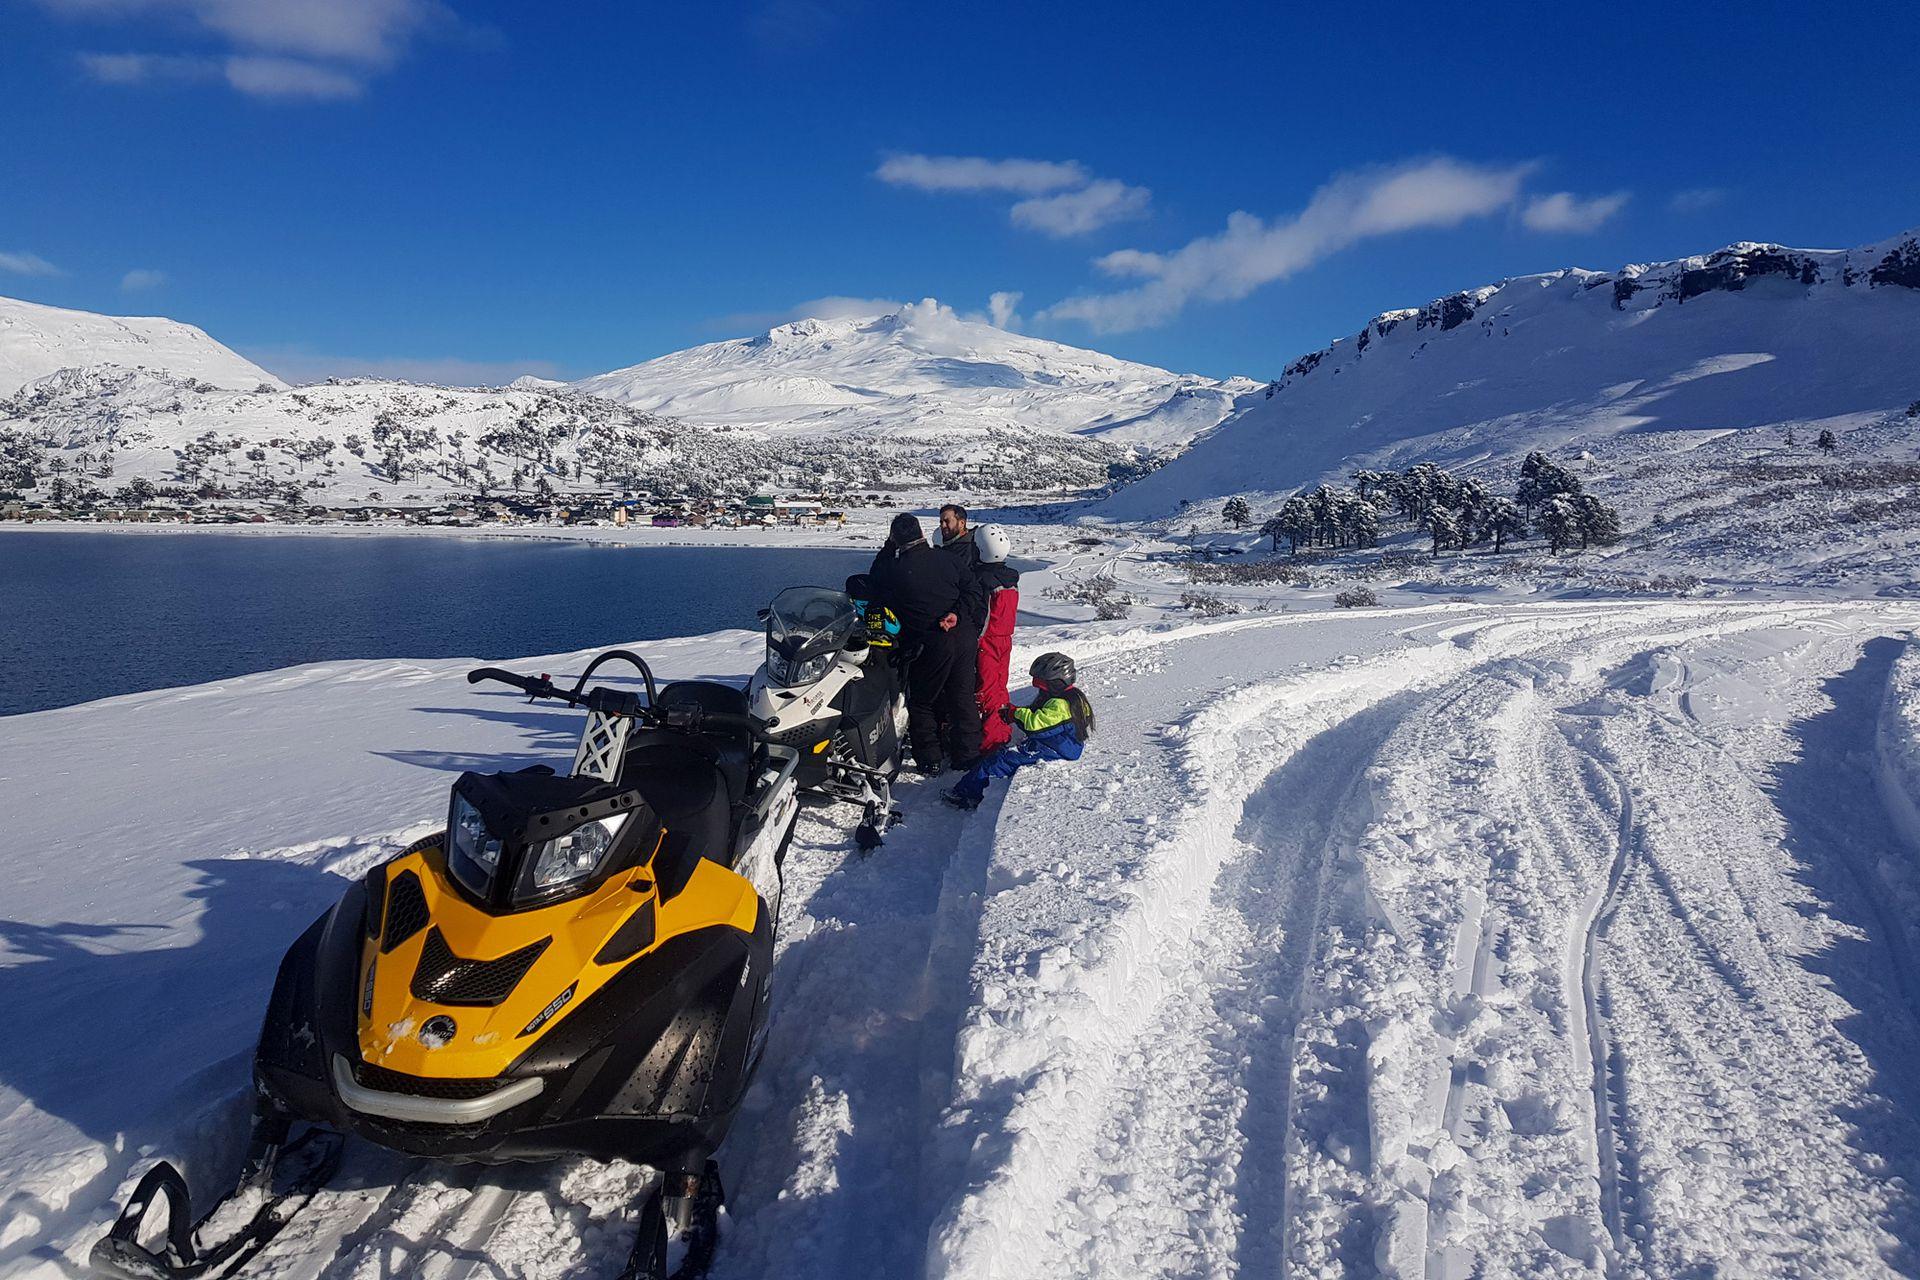 Caviahue propone una manera diferente de explorar la imponente cordillera andina, otra manera de esquiar sus caprichosas formas